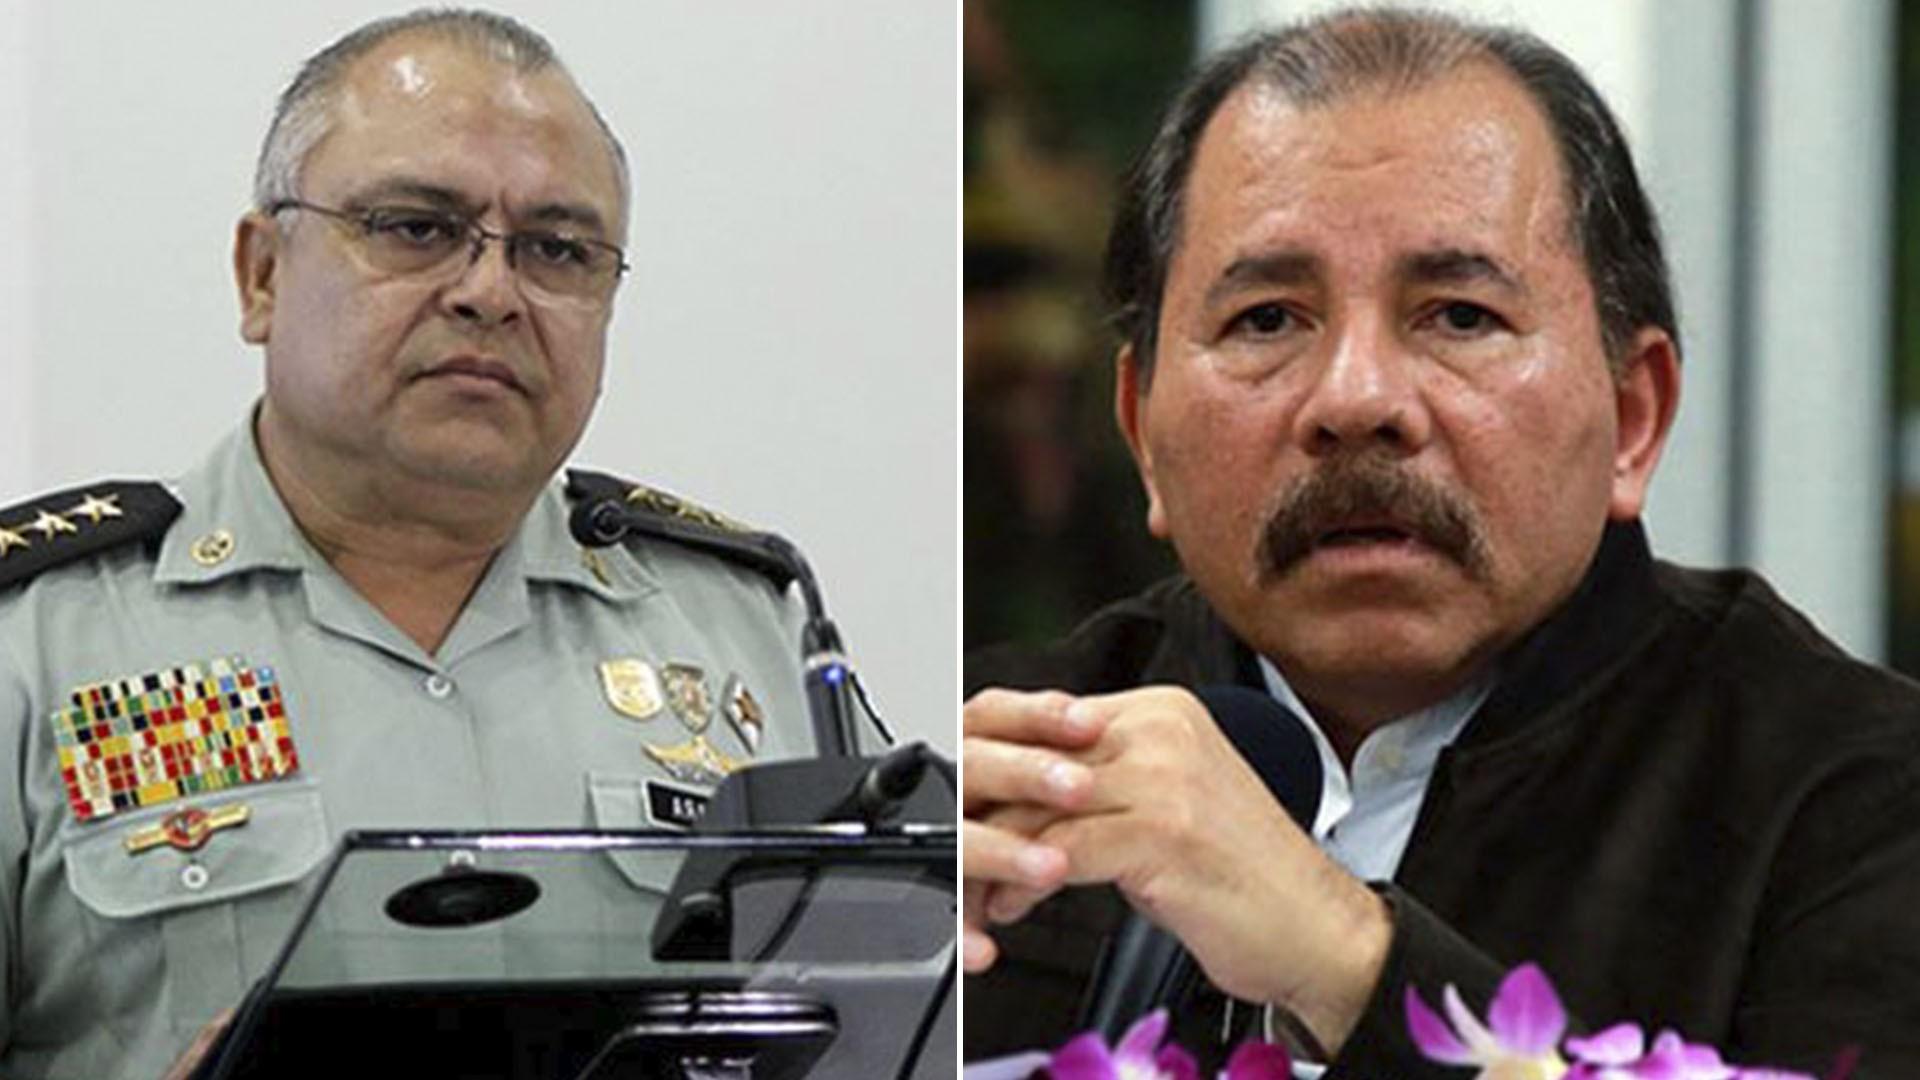 El coronel Manuel Guevara anunció que el Ejército de Nicaragua no ayudará al presidente Daniel Ortega a reprimir las manifestaciones opositoras